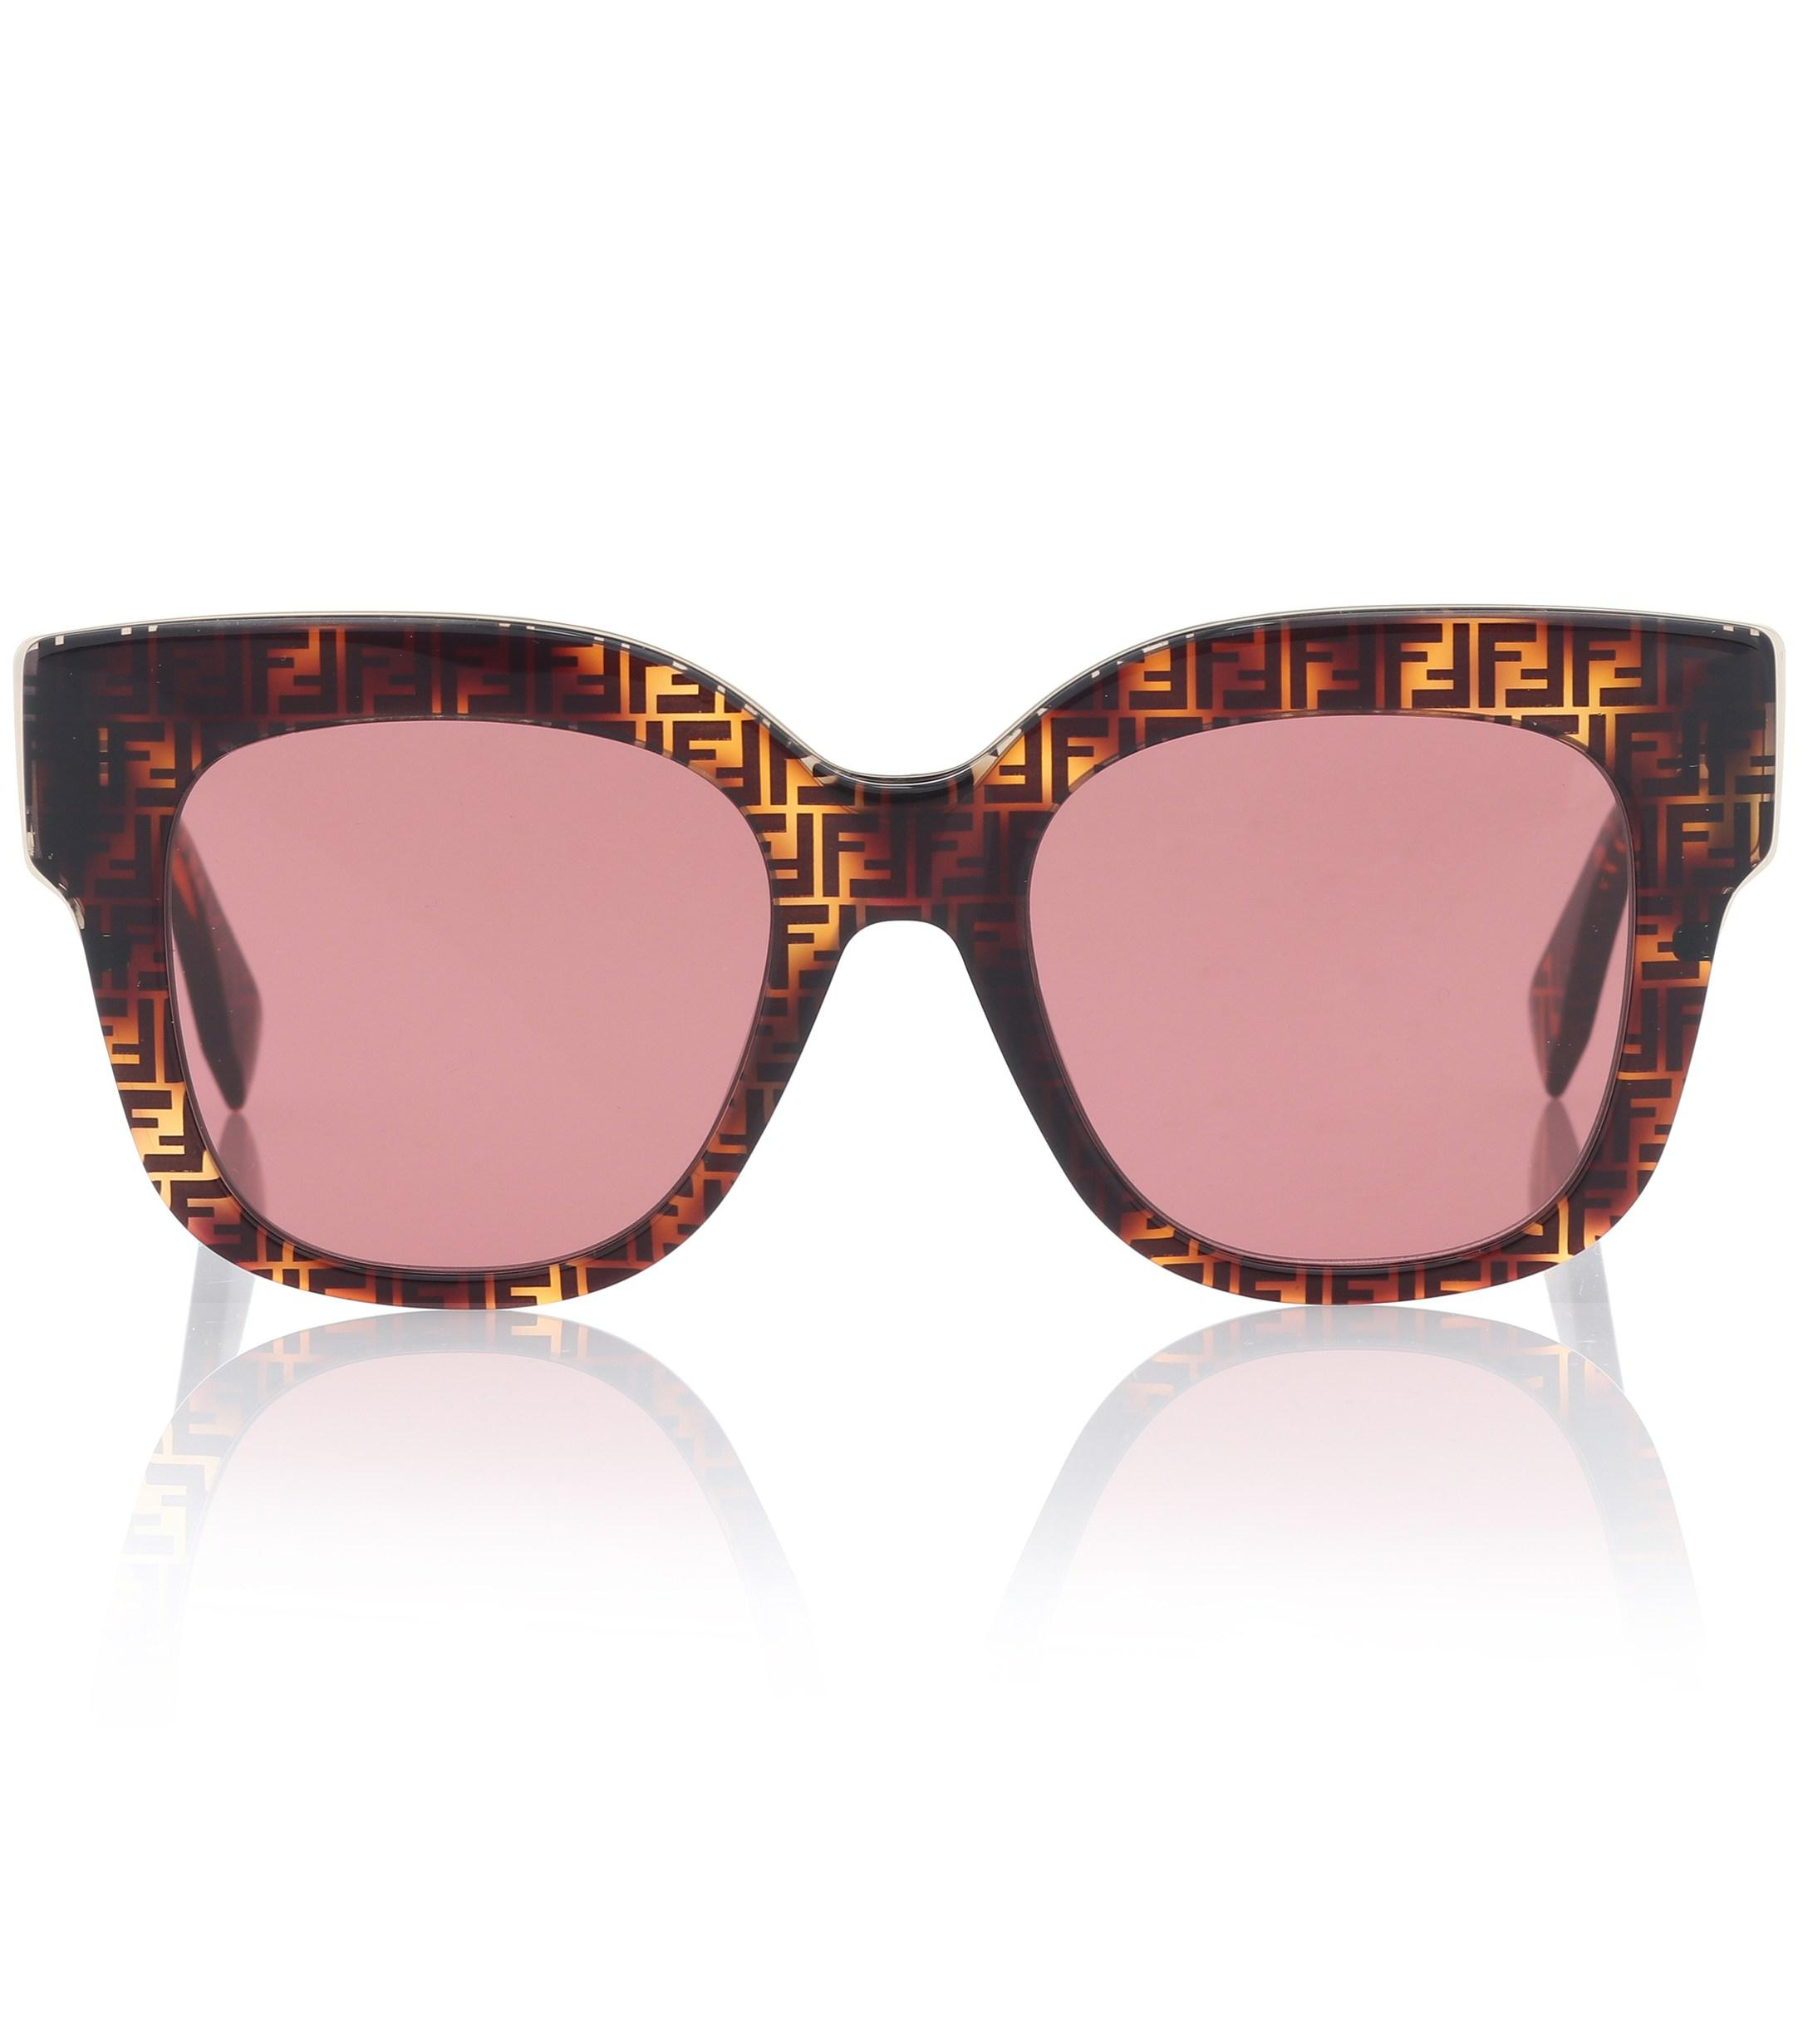 b5c078a2978 Lyst - Fendi Logo Acetate Sunglasses in Brown